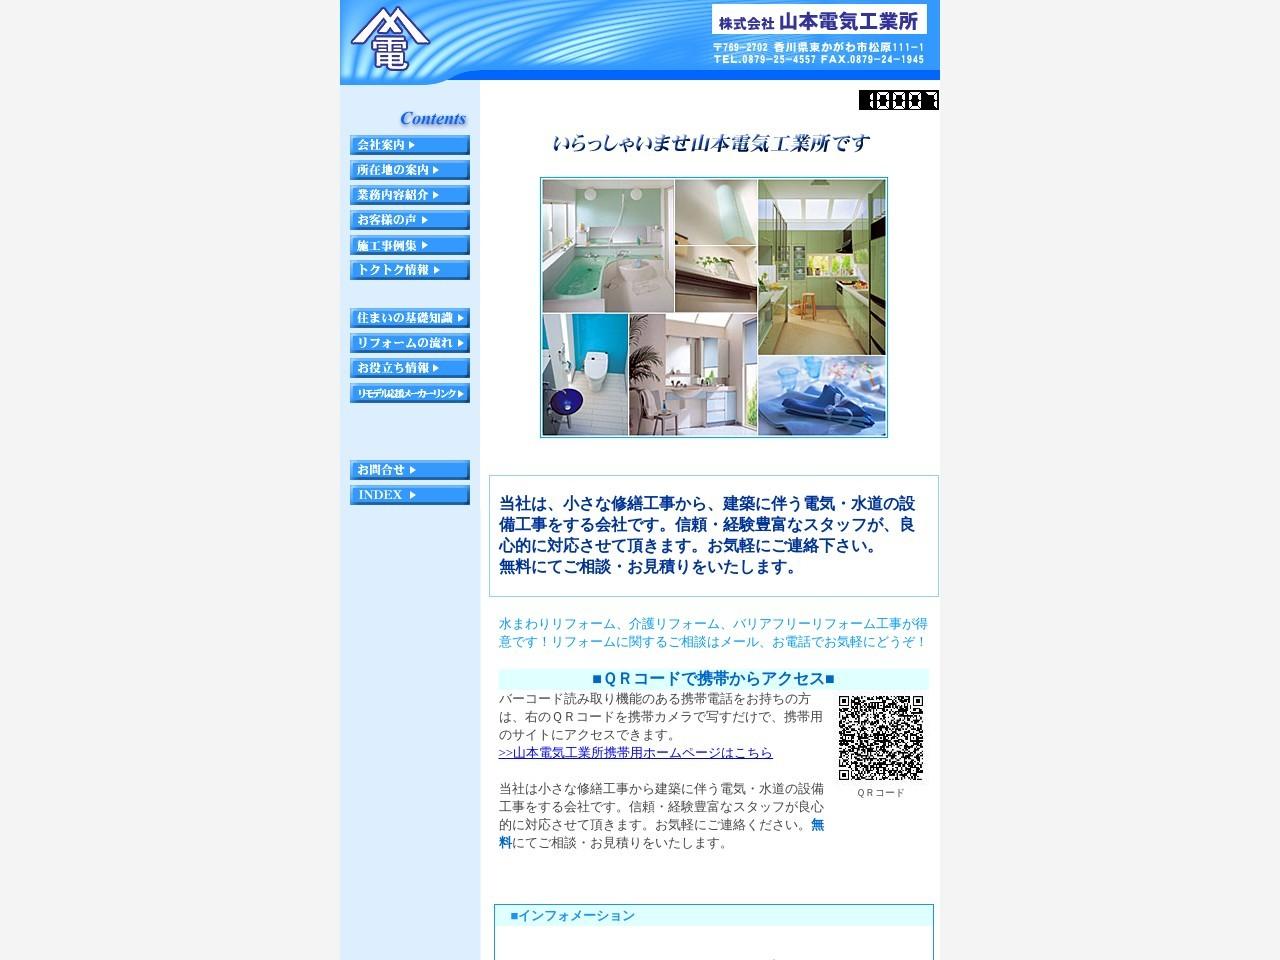 株式会社山本電気工業所